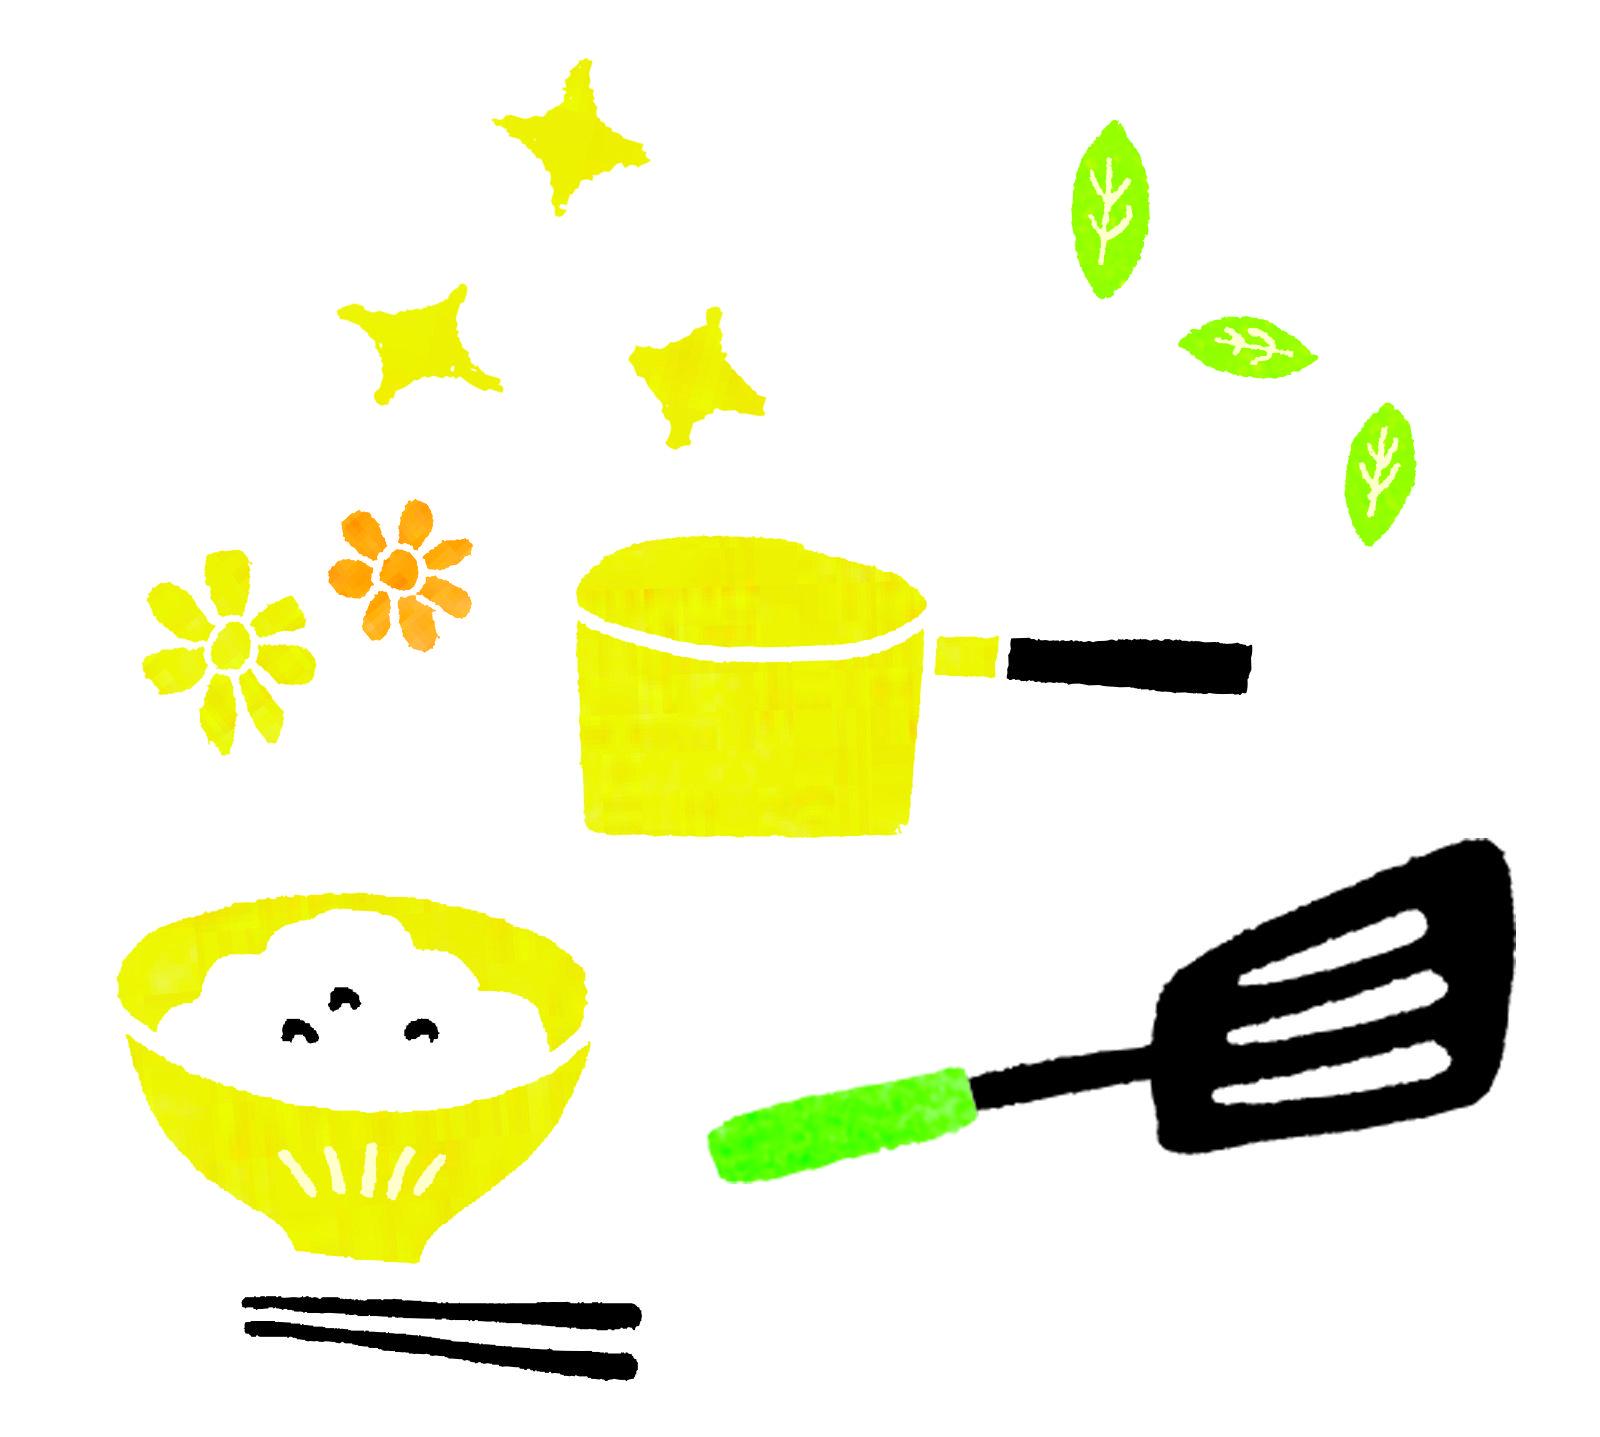 食事 & キッチンイラスト